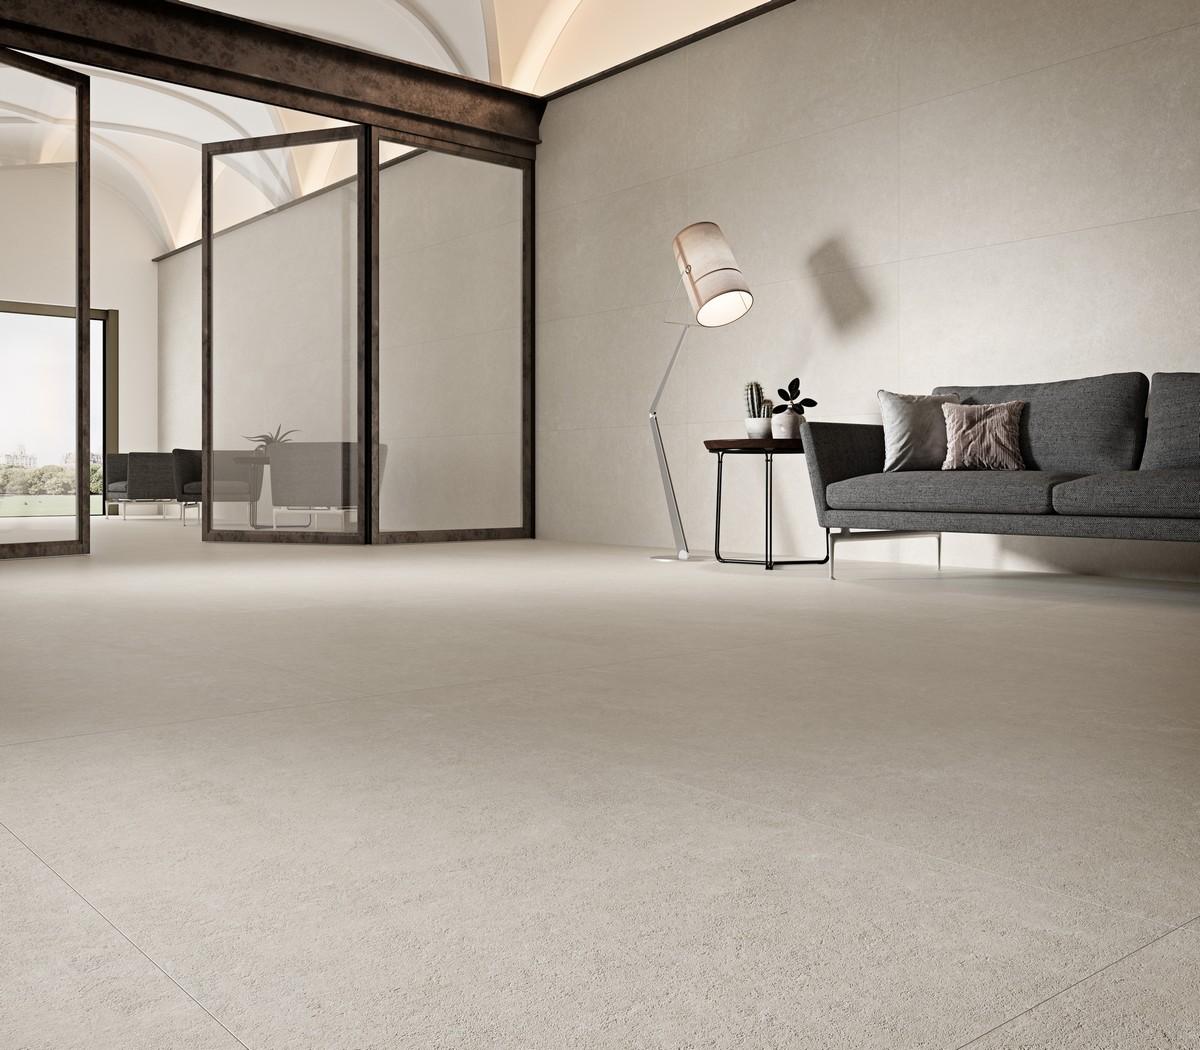 Sol En Beton Interieur un carrelage sol effet béton pour votre intérieur et